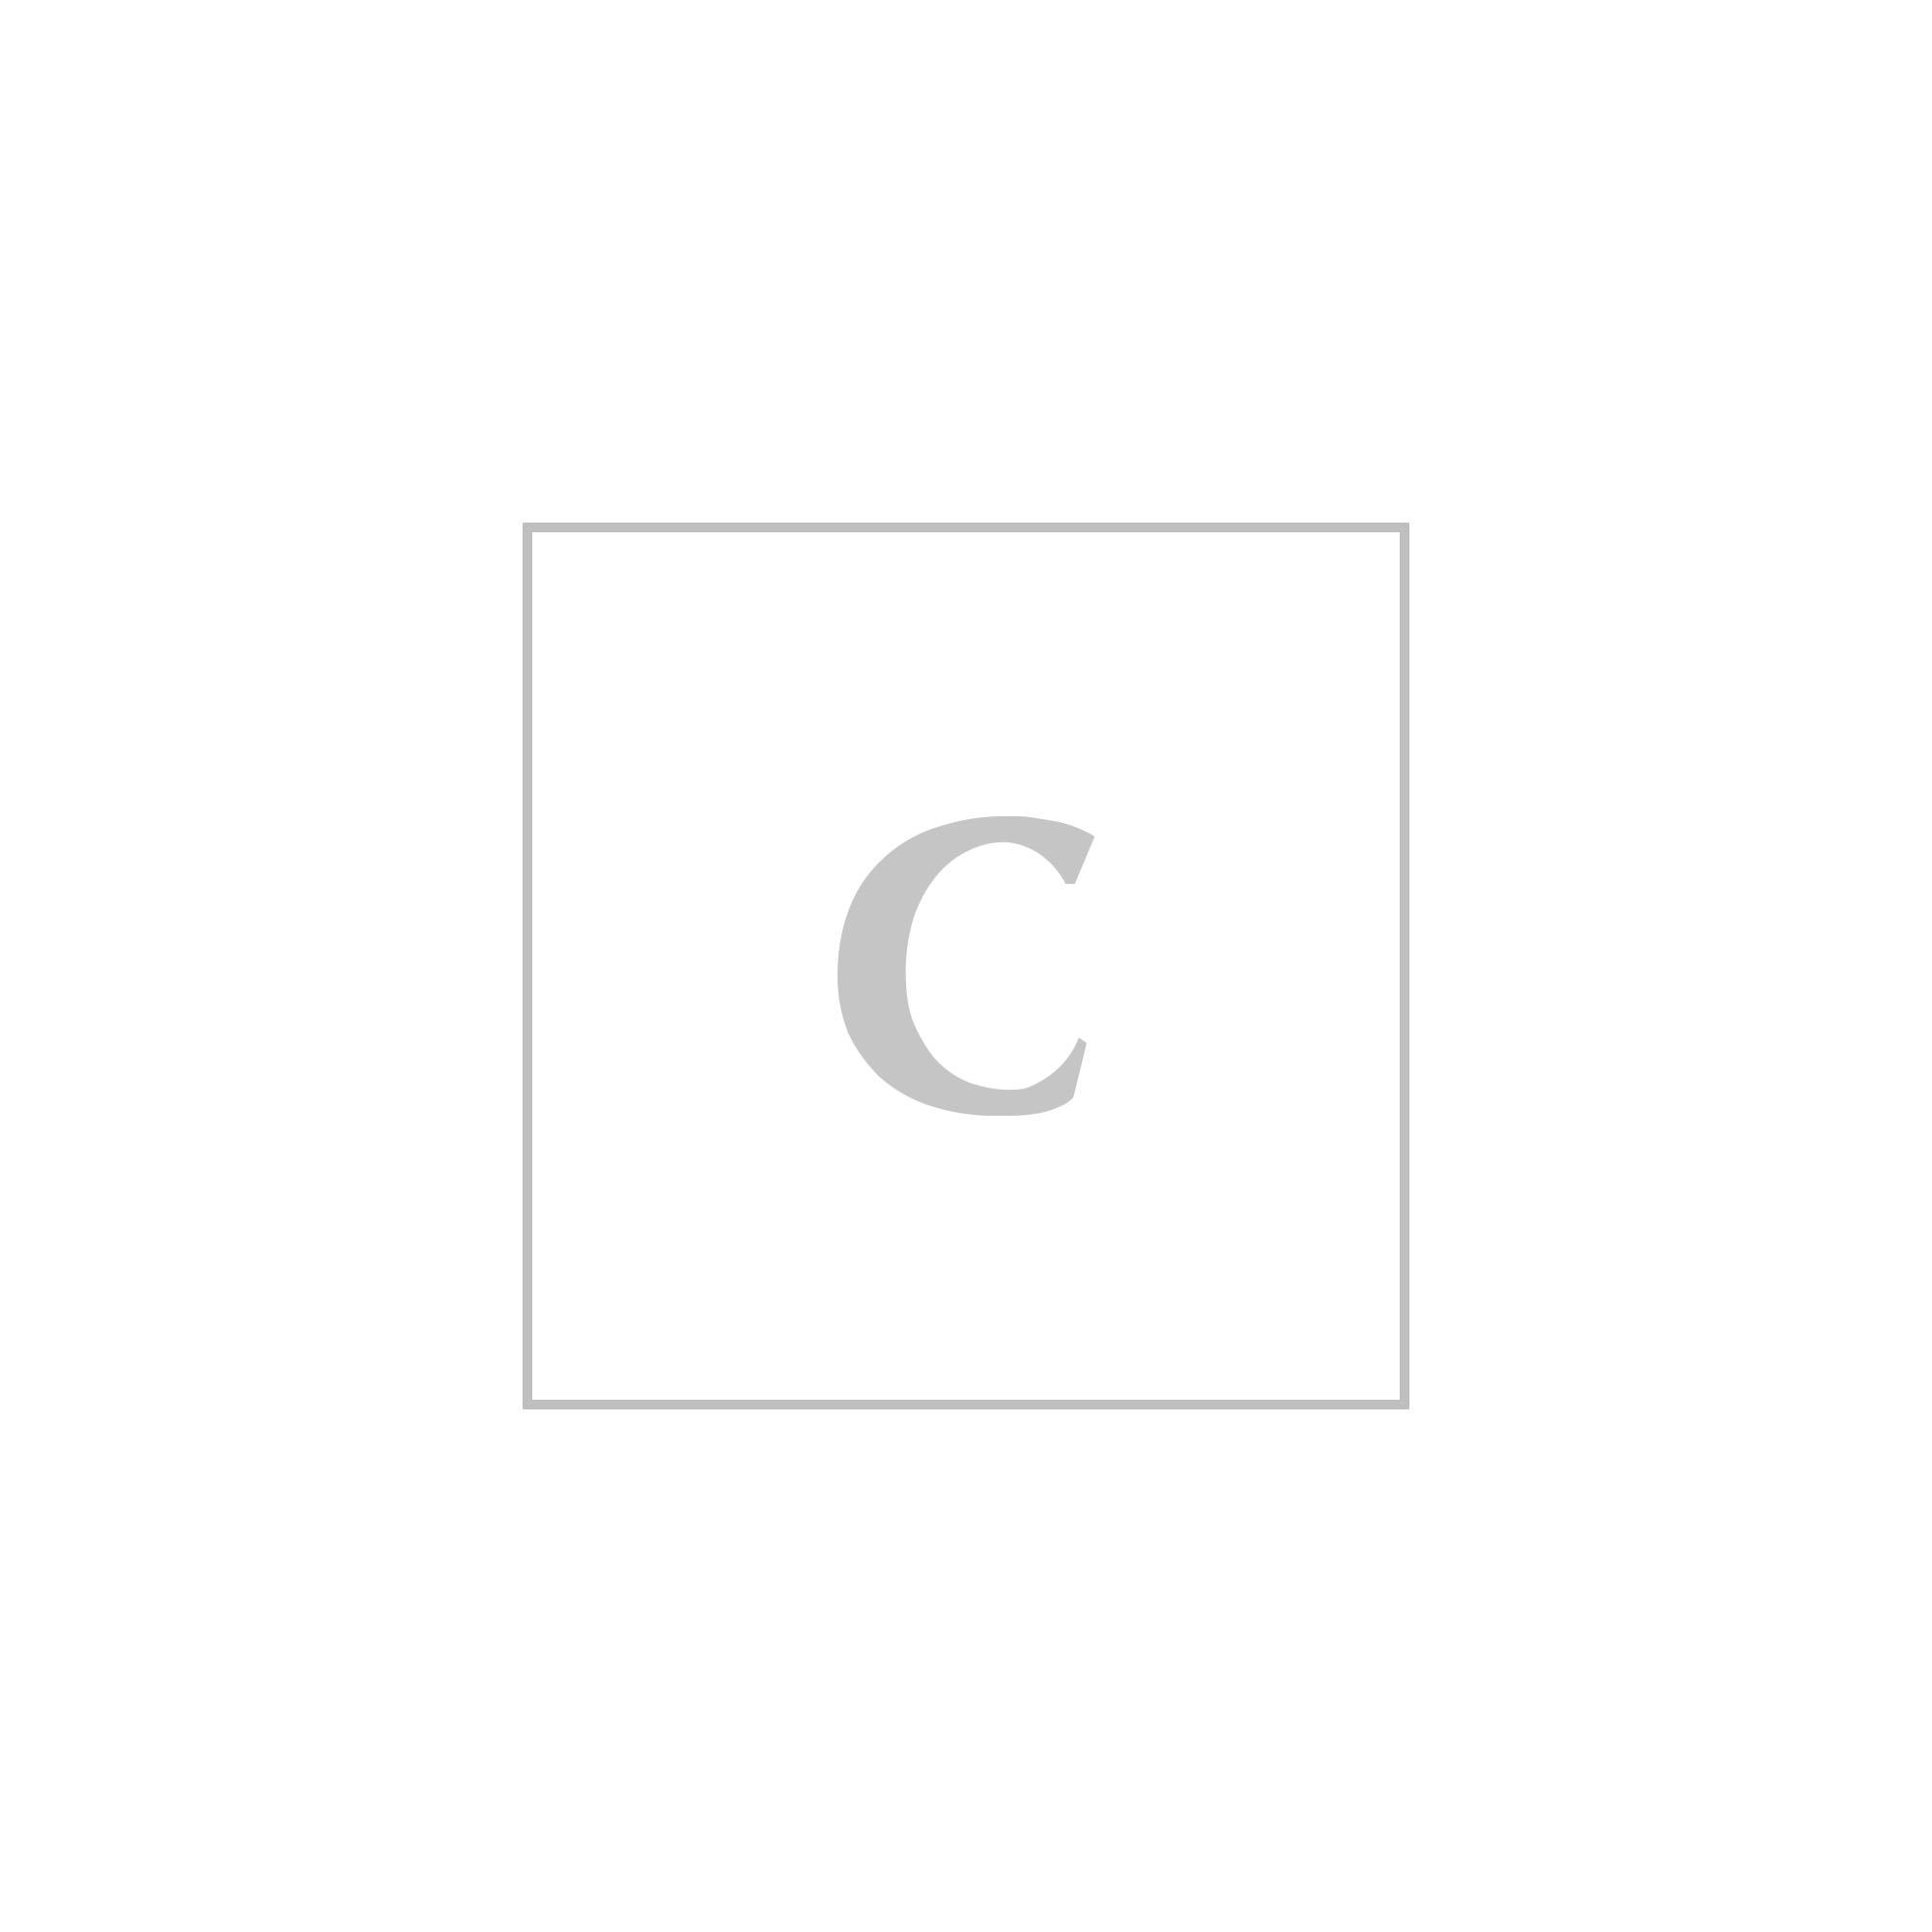 monogram new jolie clutch bags women